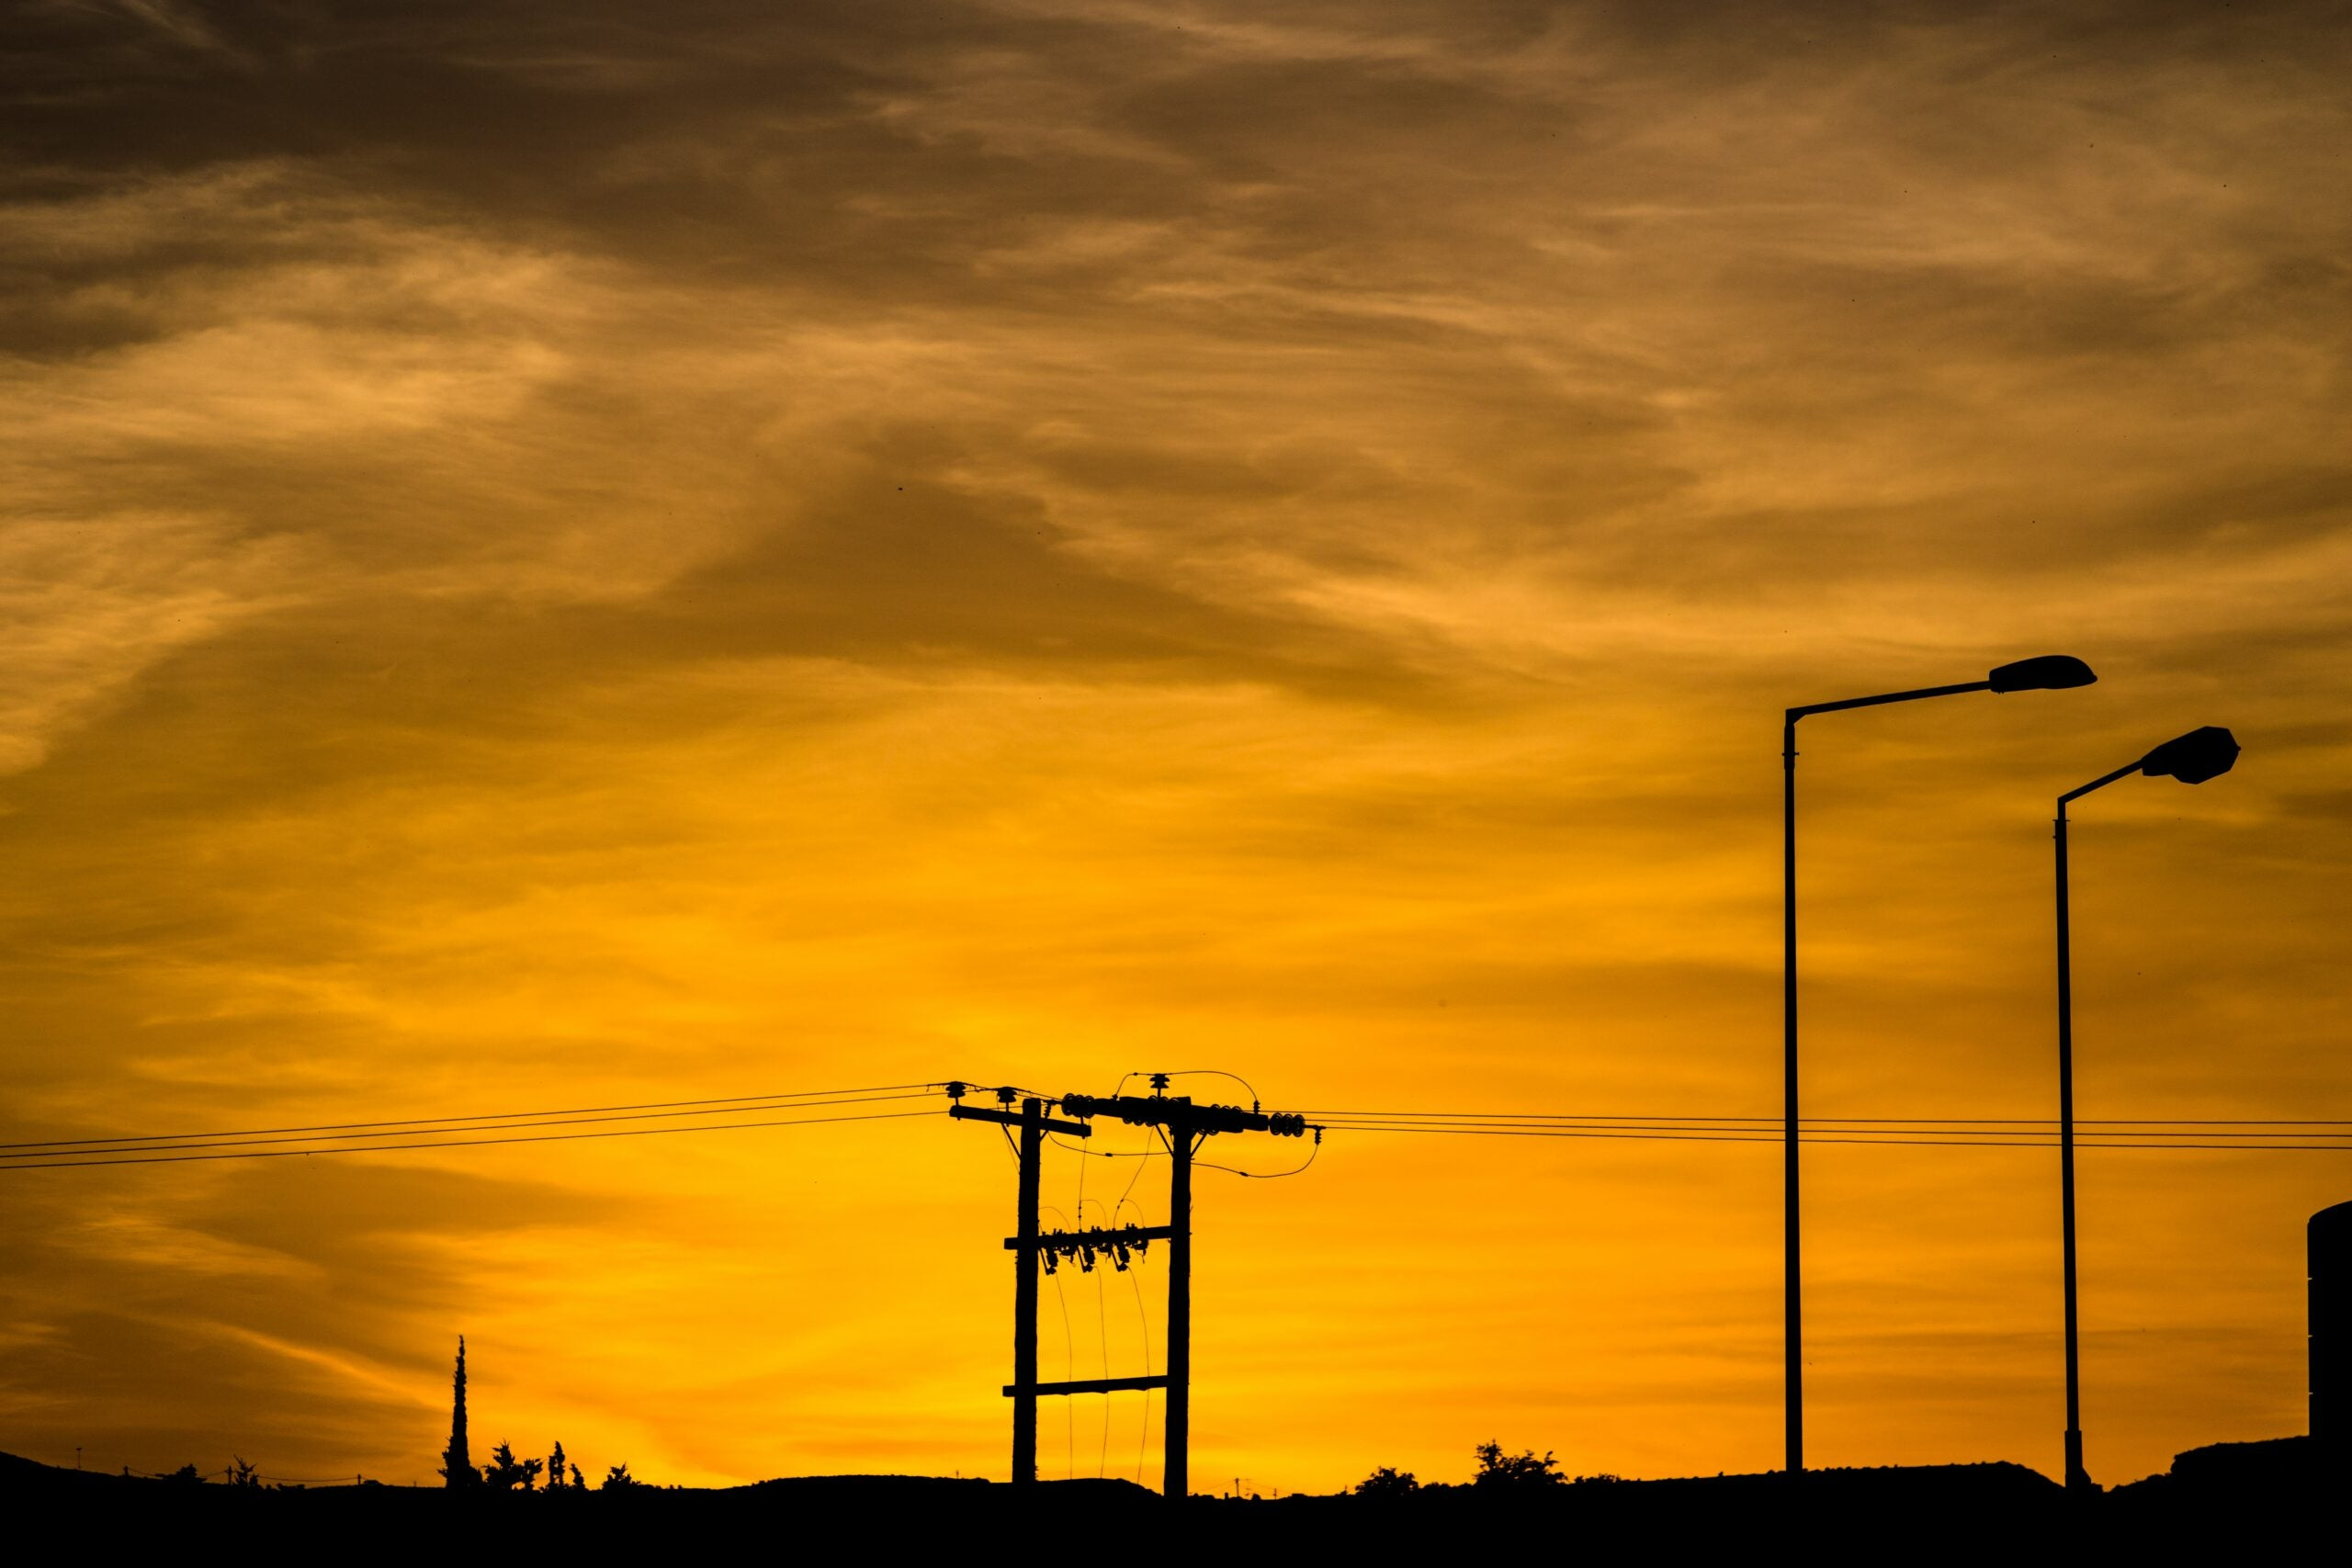 power line silhouette against reddish sunset